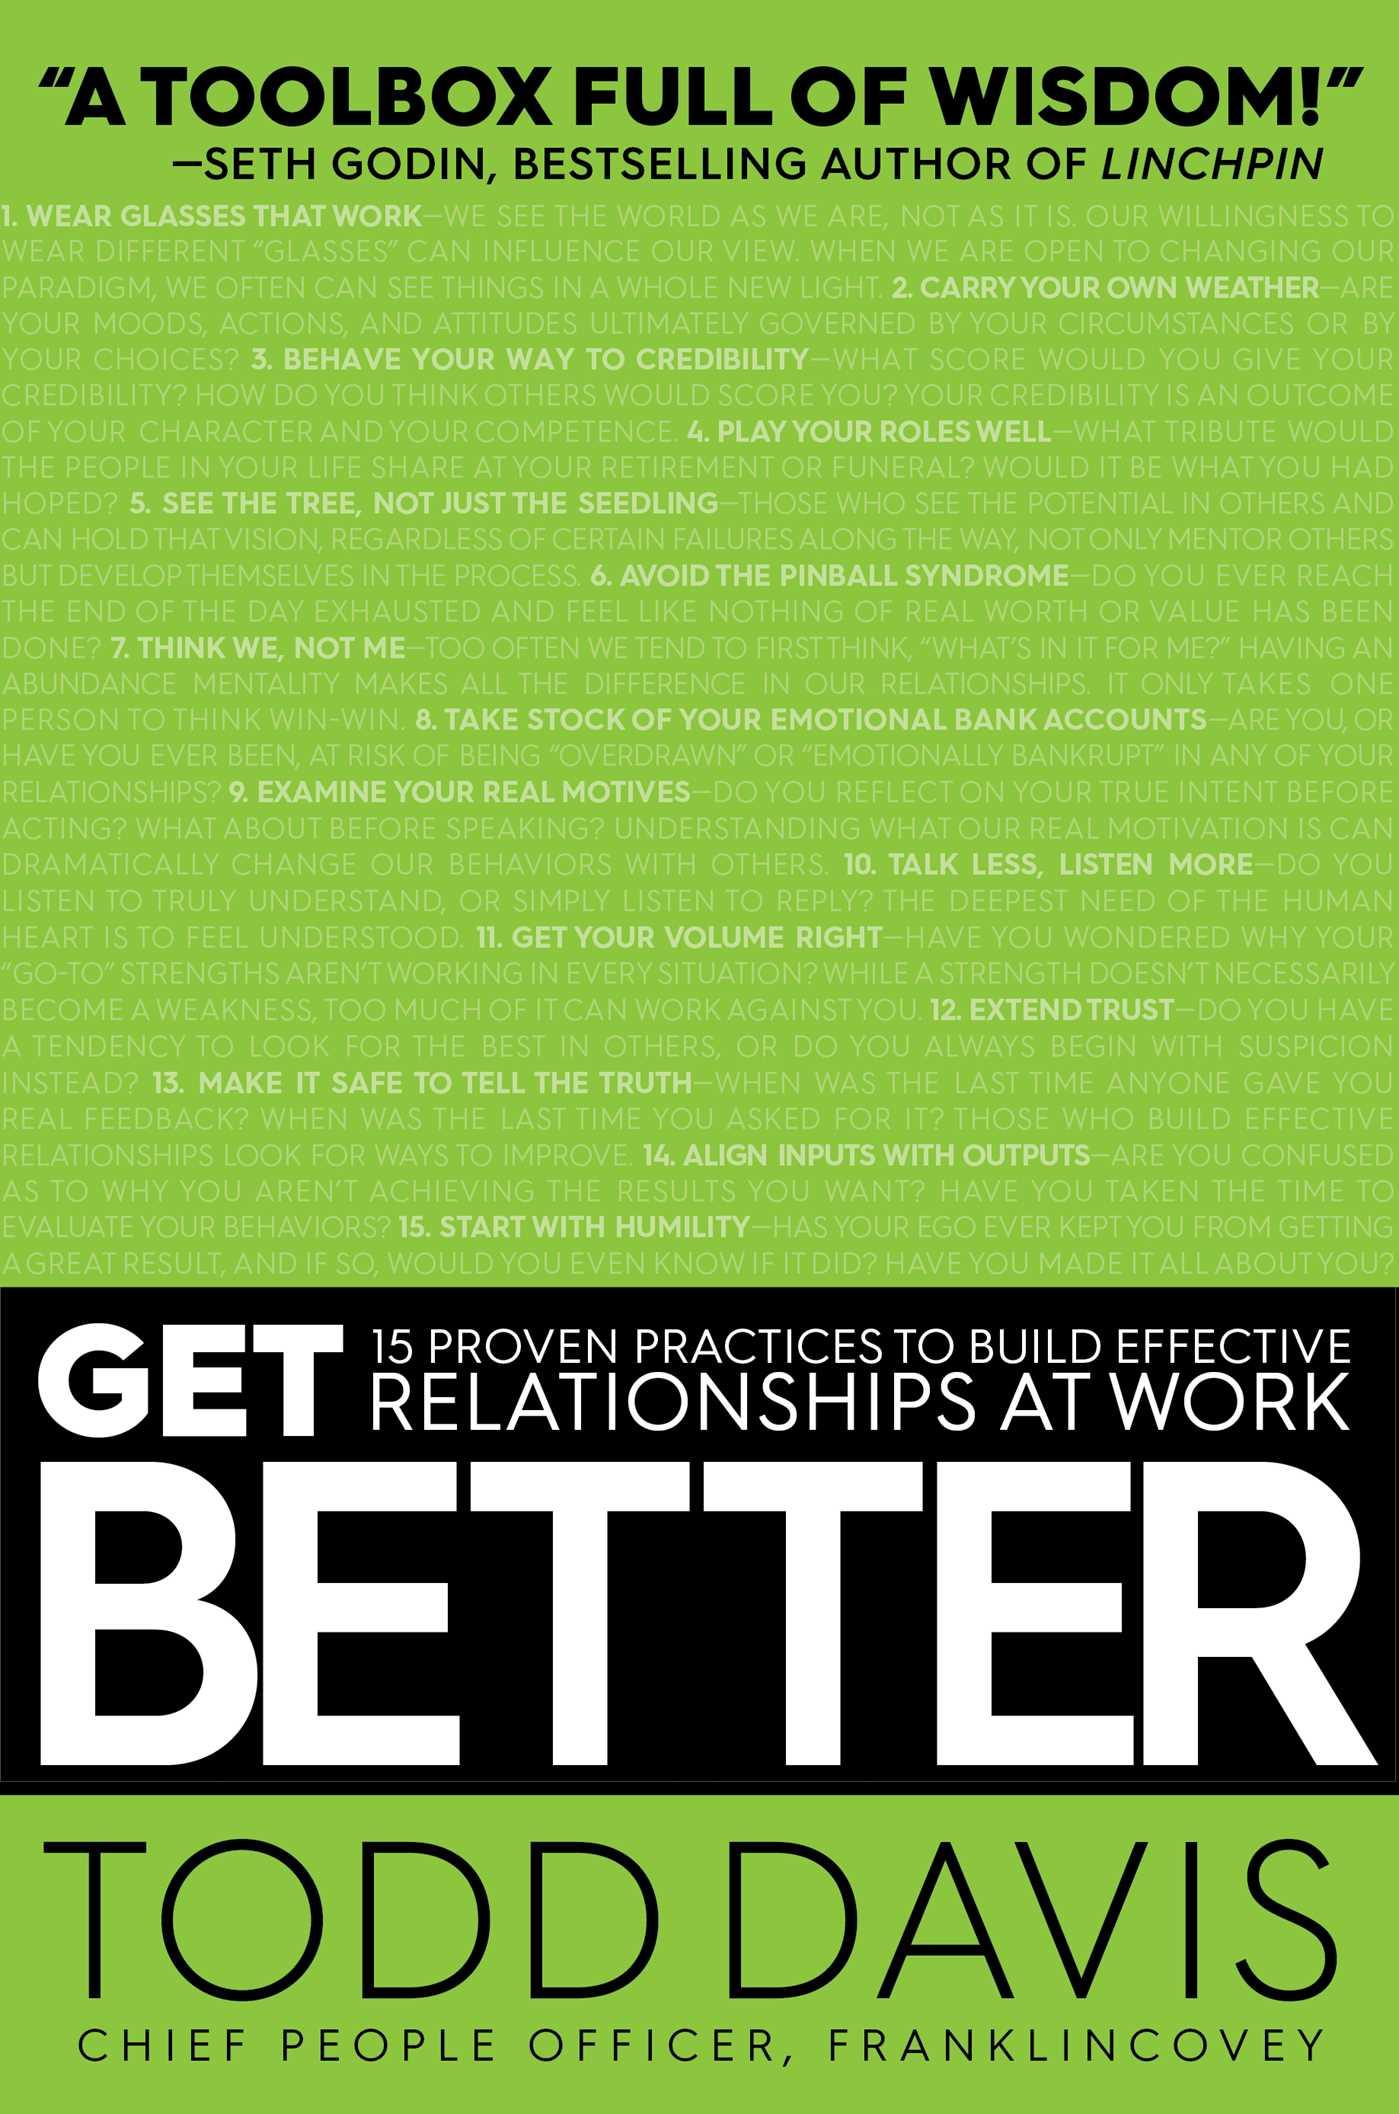 Get better 9781501158308 hr